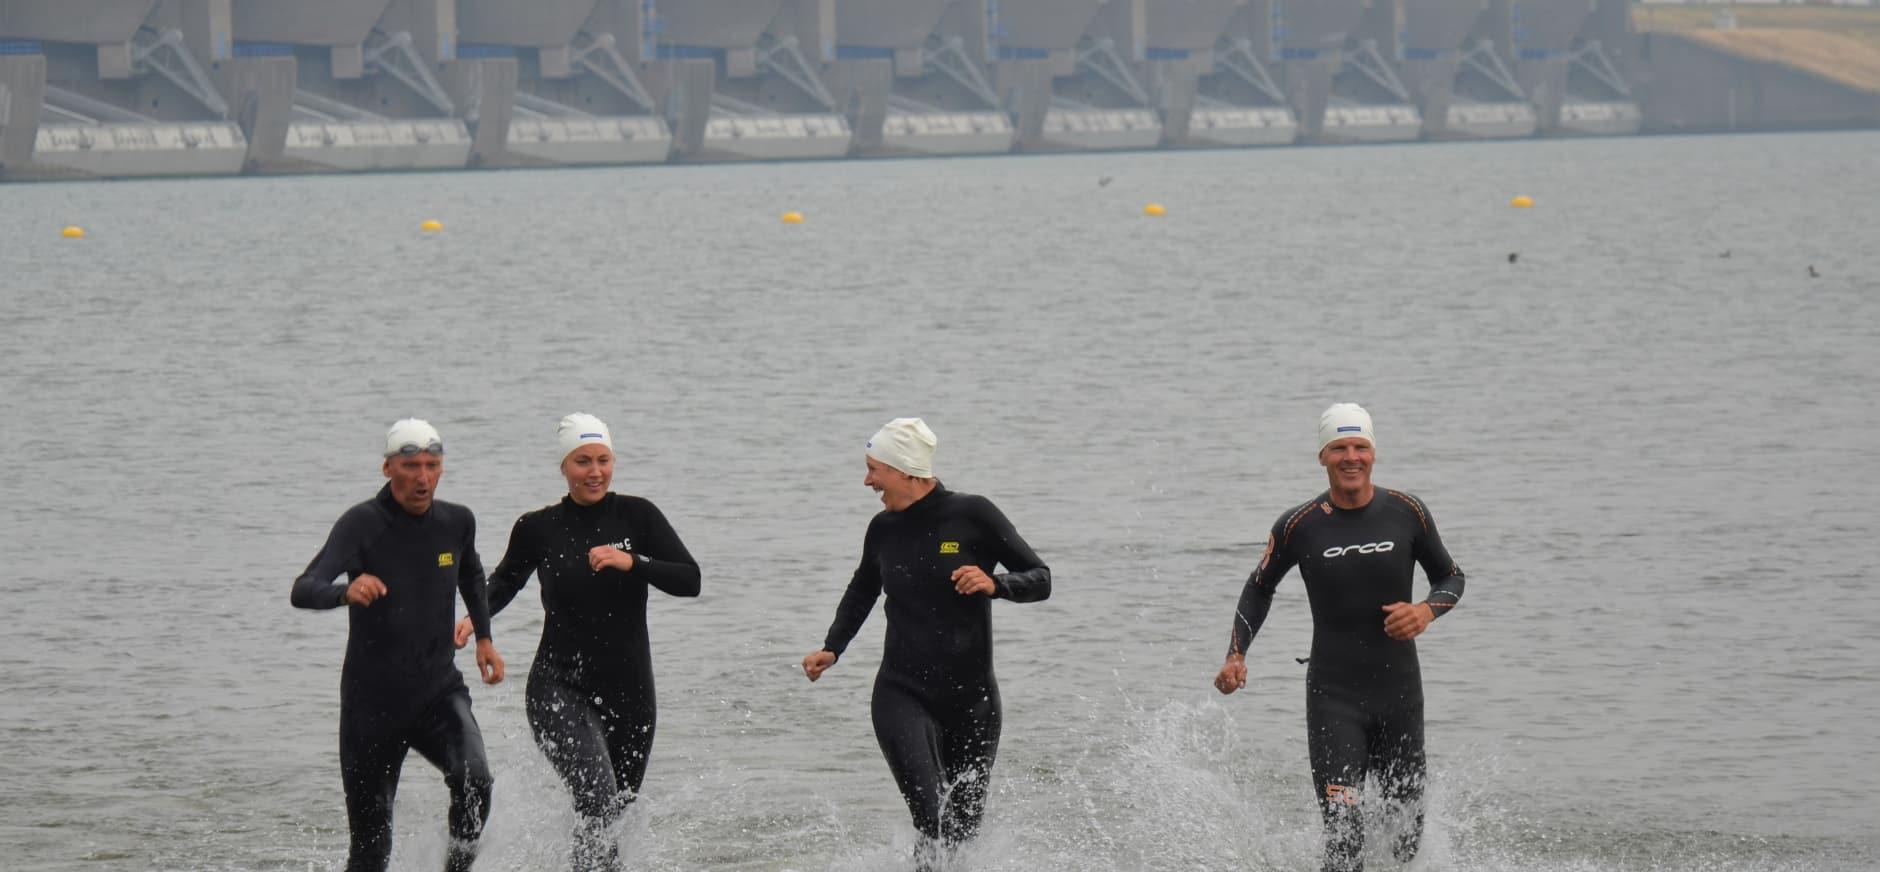 Boswachters zwemmen Haringvliet over